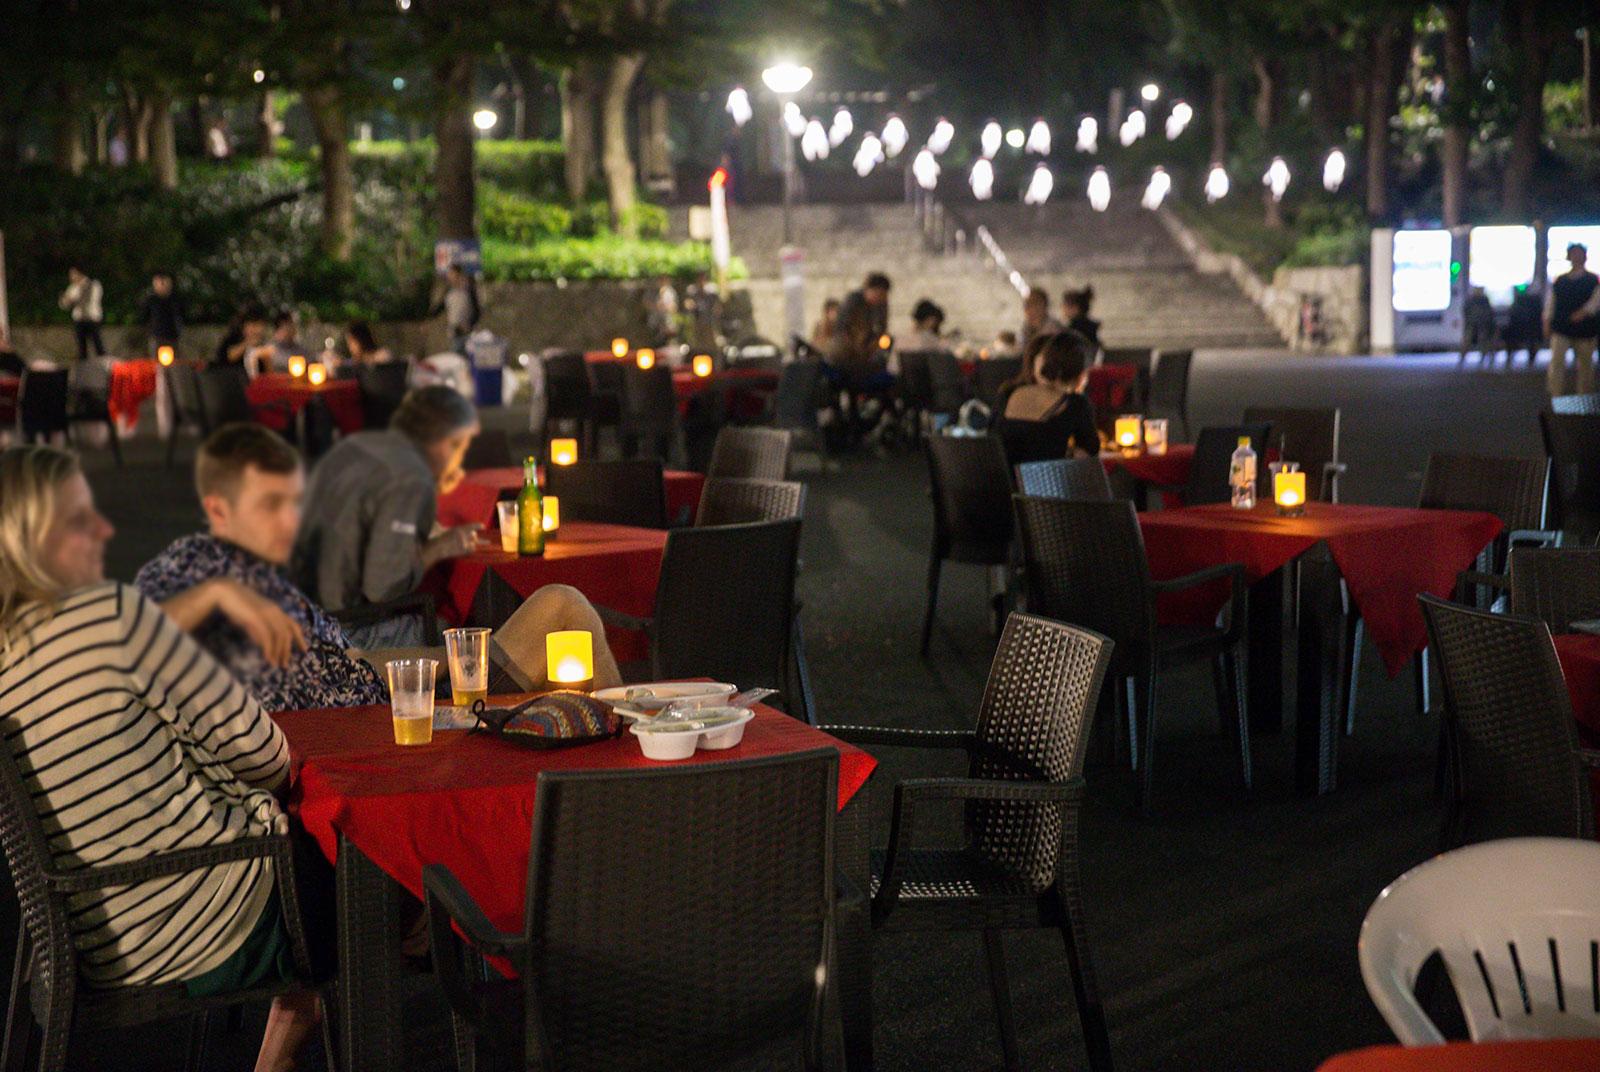 映画を観ながら、出店するキッチンカーの食事も楽しめるテーブル席。ほかに、ピクニックやフェスのように自由なスタイルを楽しめるようレジャーシートも用意した(「新宿パークシネマフェスティバル」)